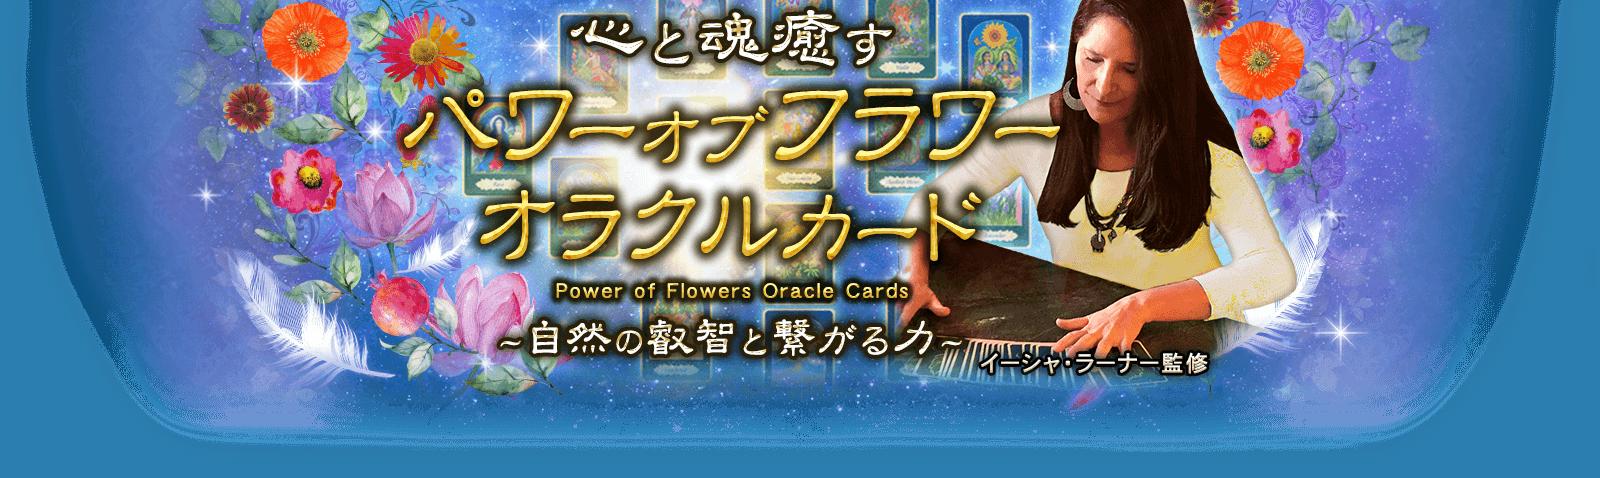 イーシャ・ラーナーの占い:心と魂癒すパワーオブフラワーオラクルカード~自然の叡智と繋がる力